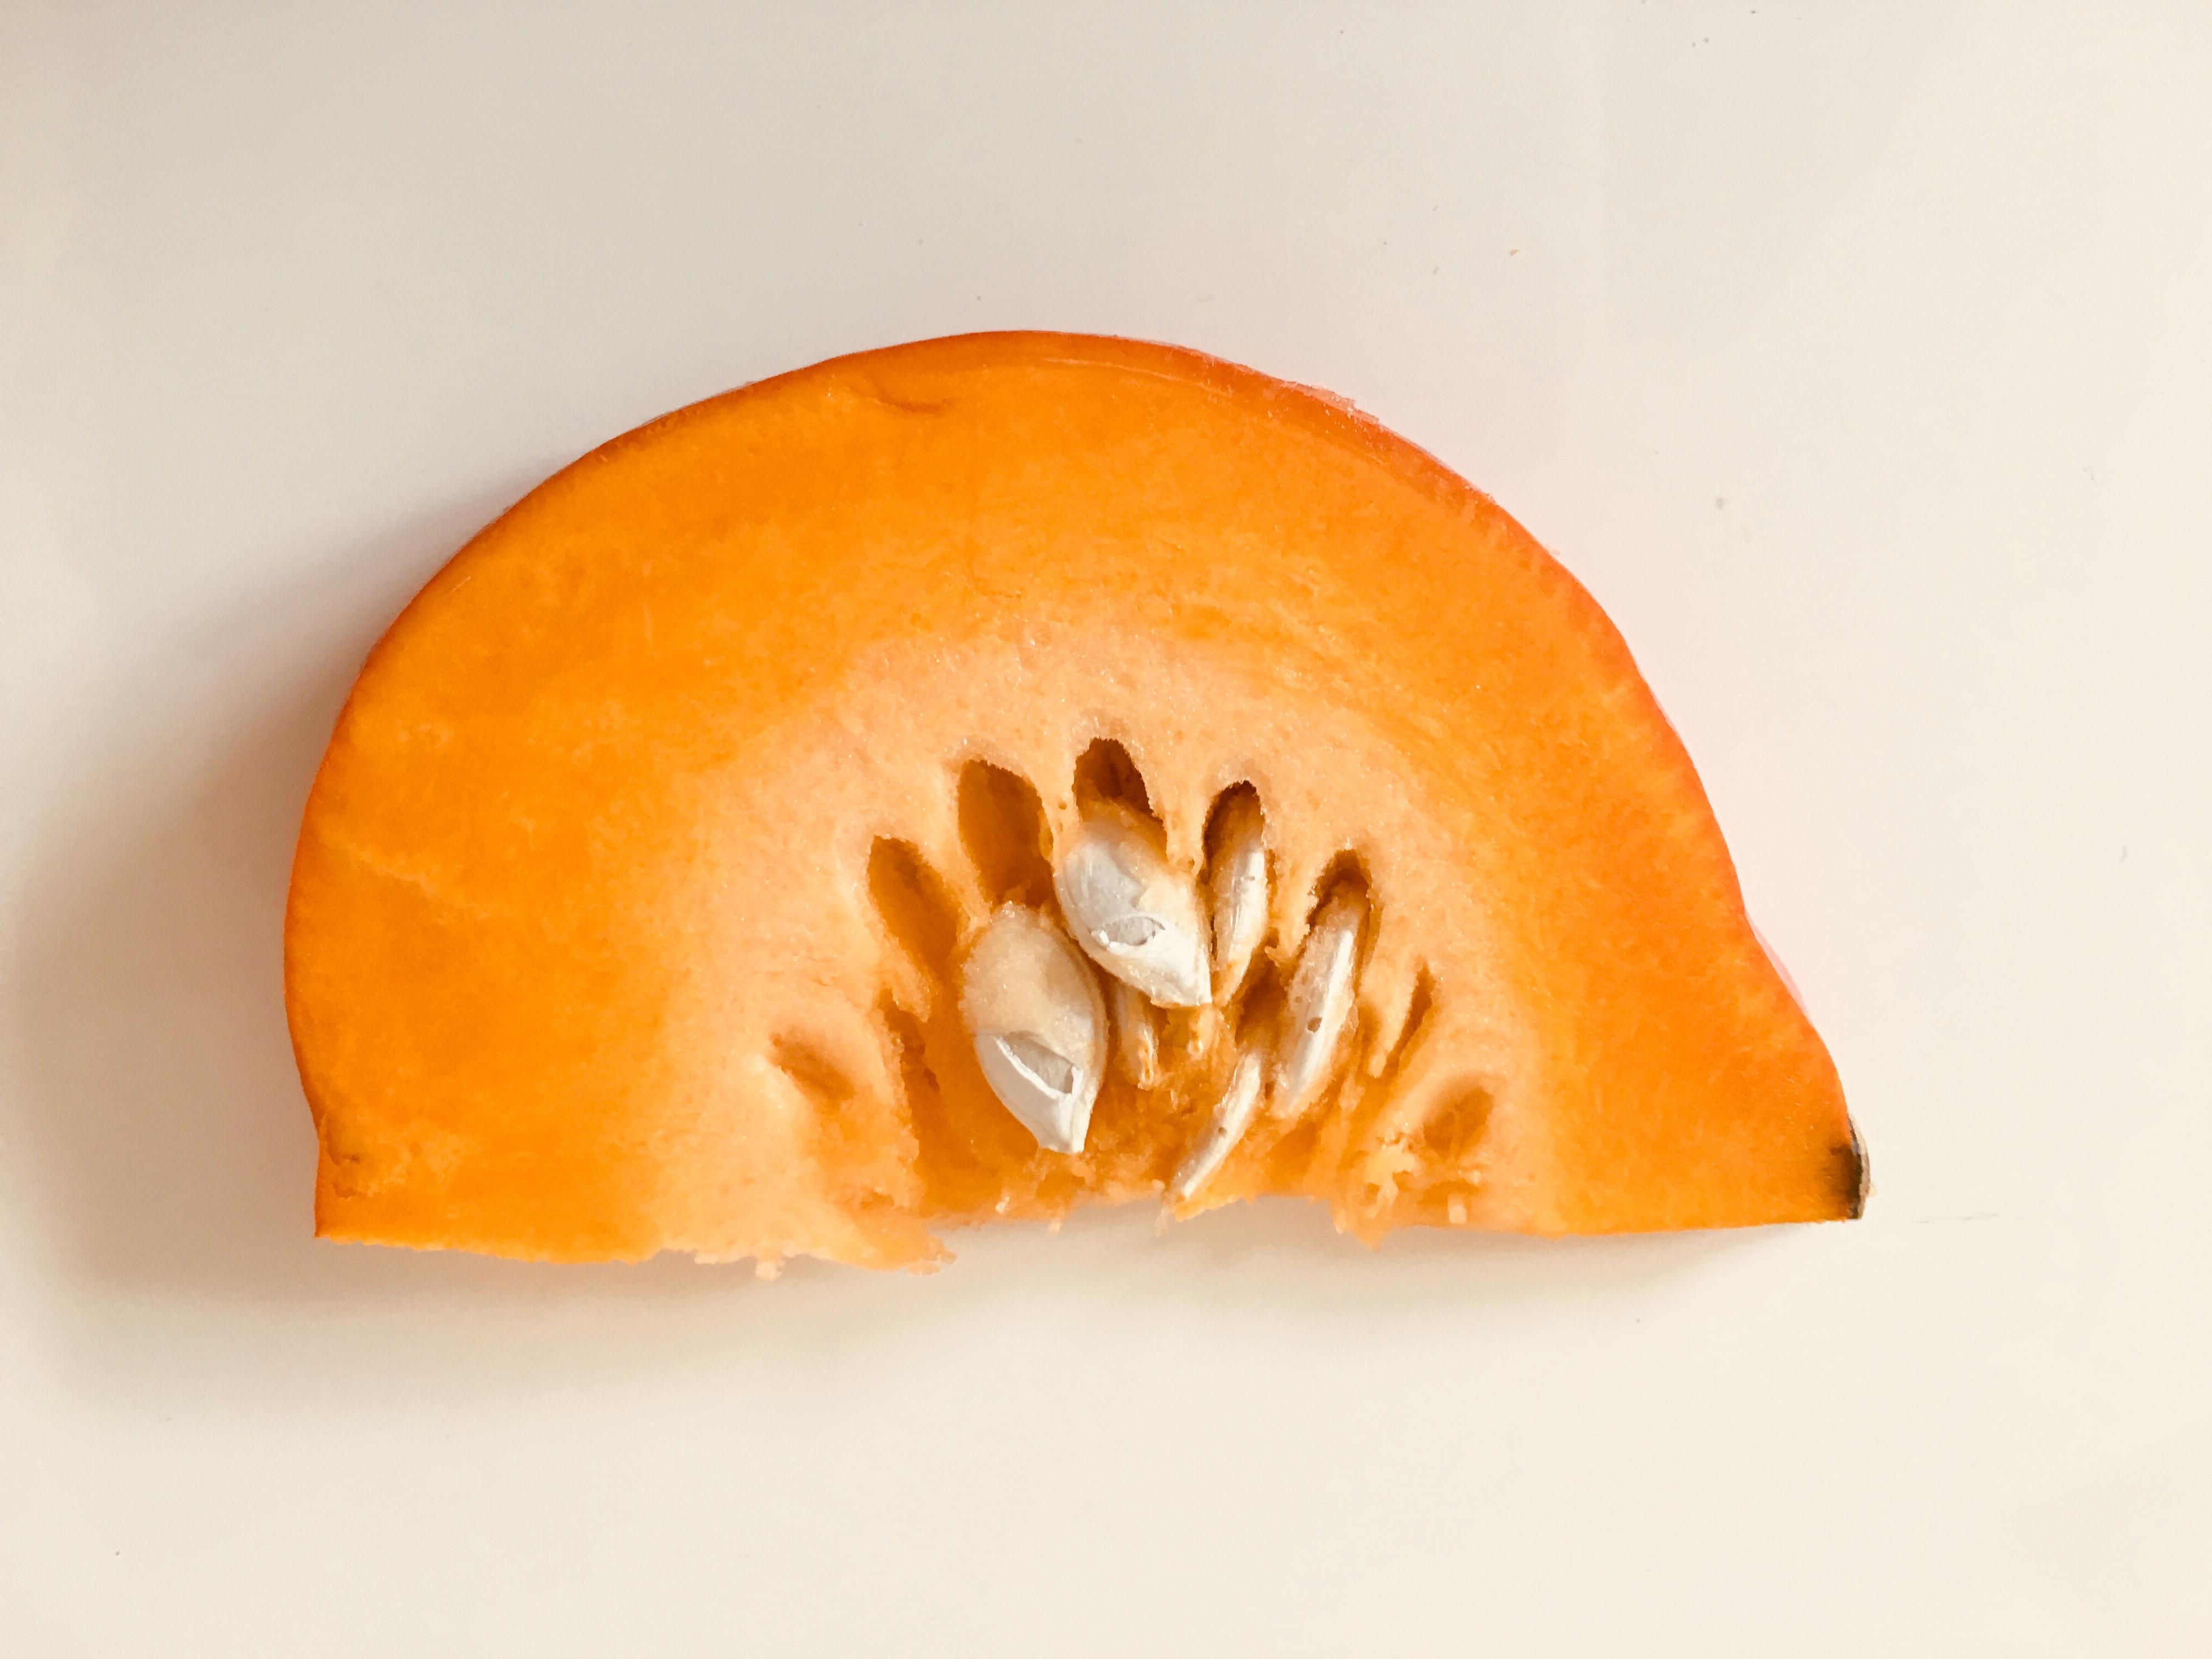 Herbstliche Kürbissuppe mit Chili: aufgeschnittener Kürbis